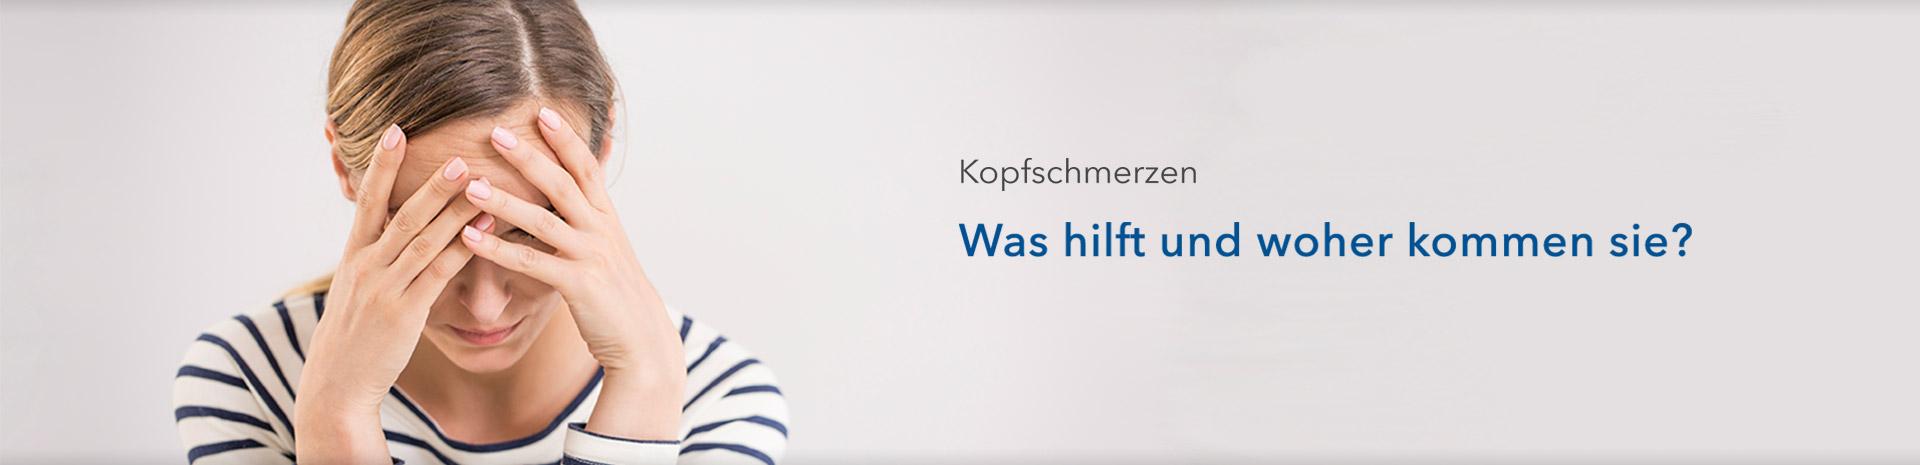 Kopfschmerzen – shop-apotheke.com